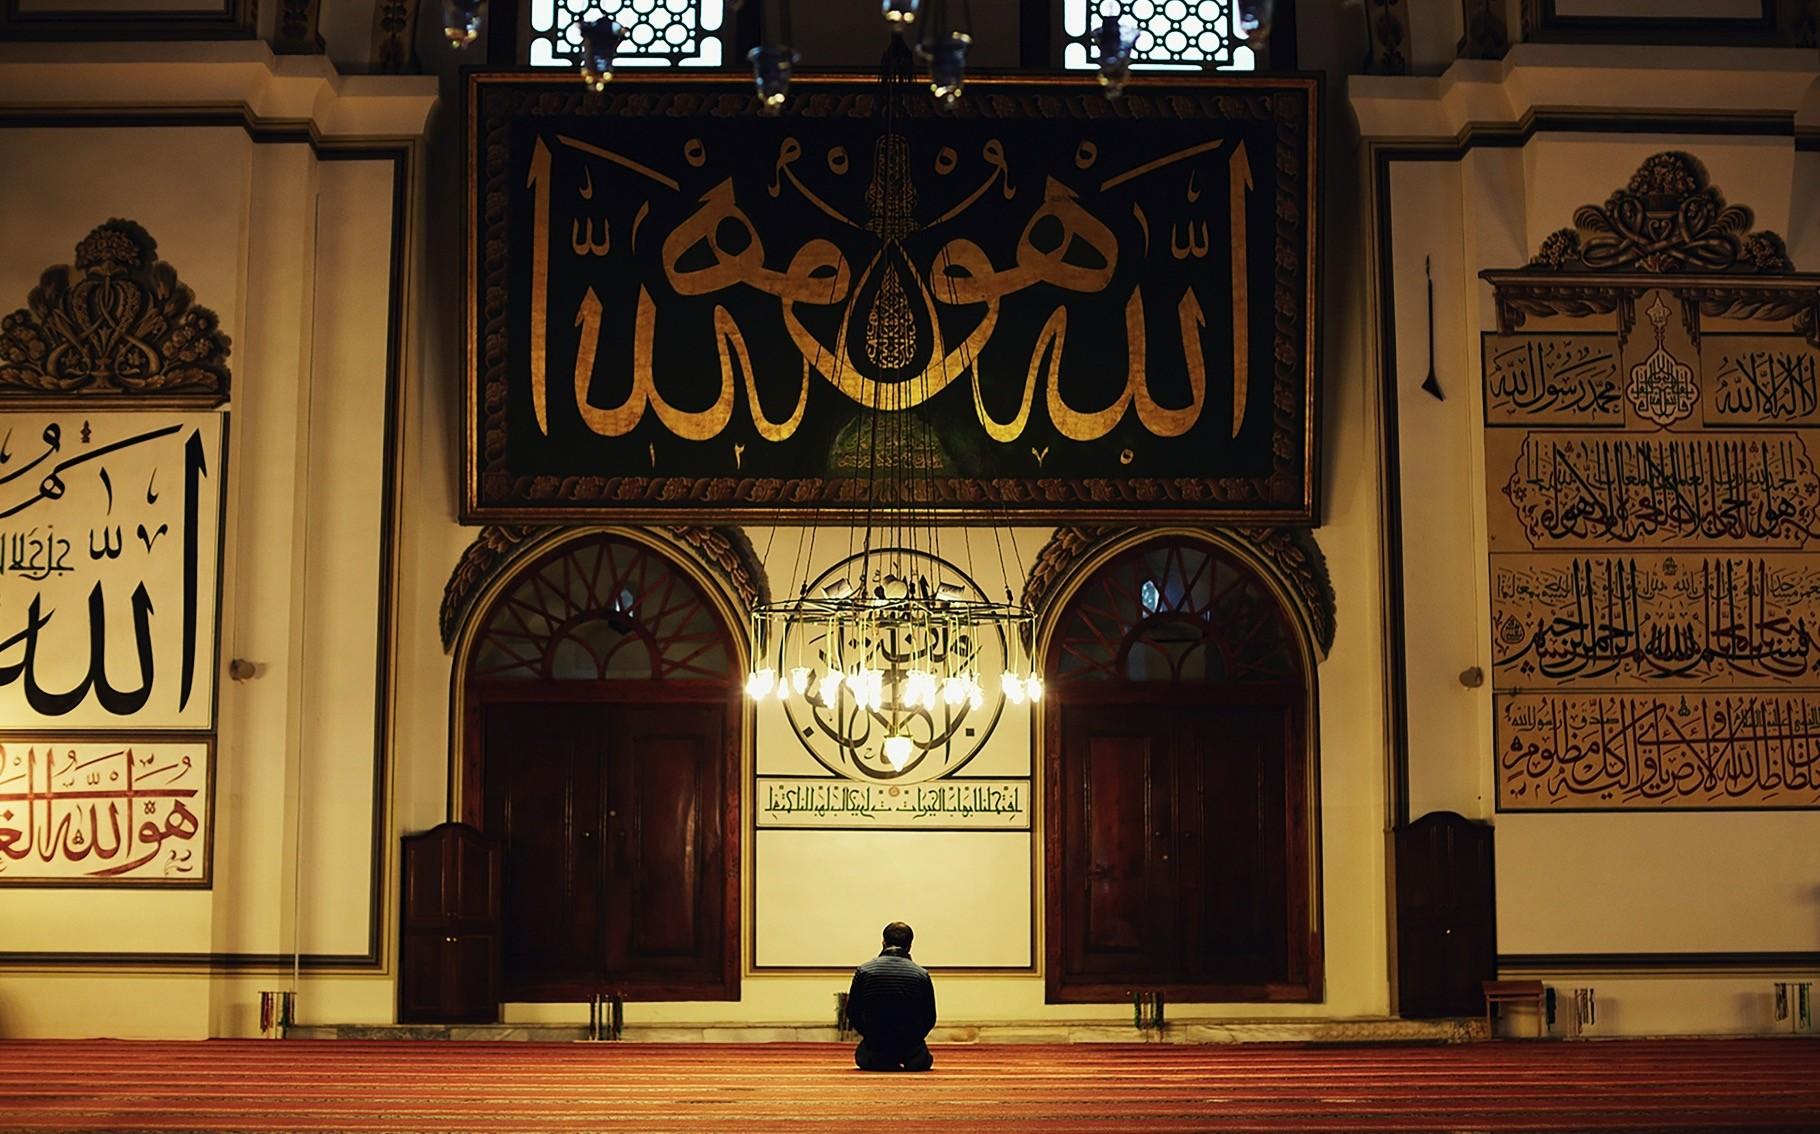 A Muslim man prays in a mosque.